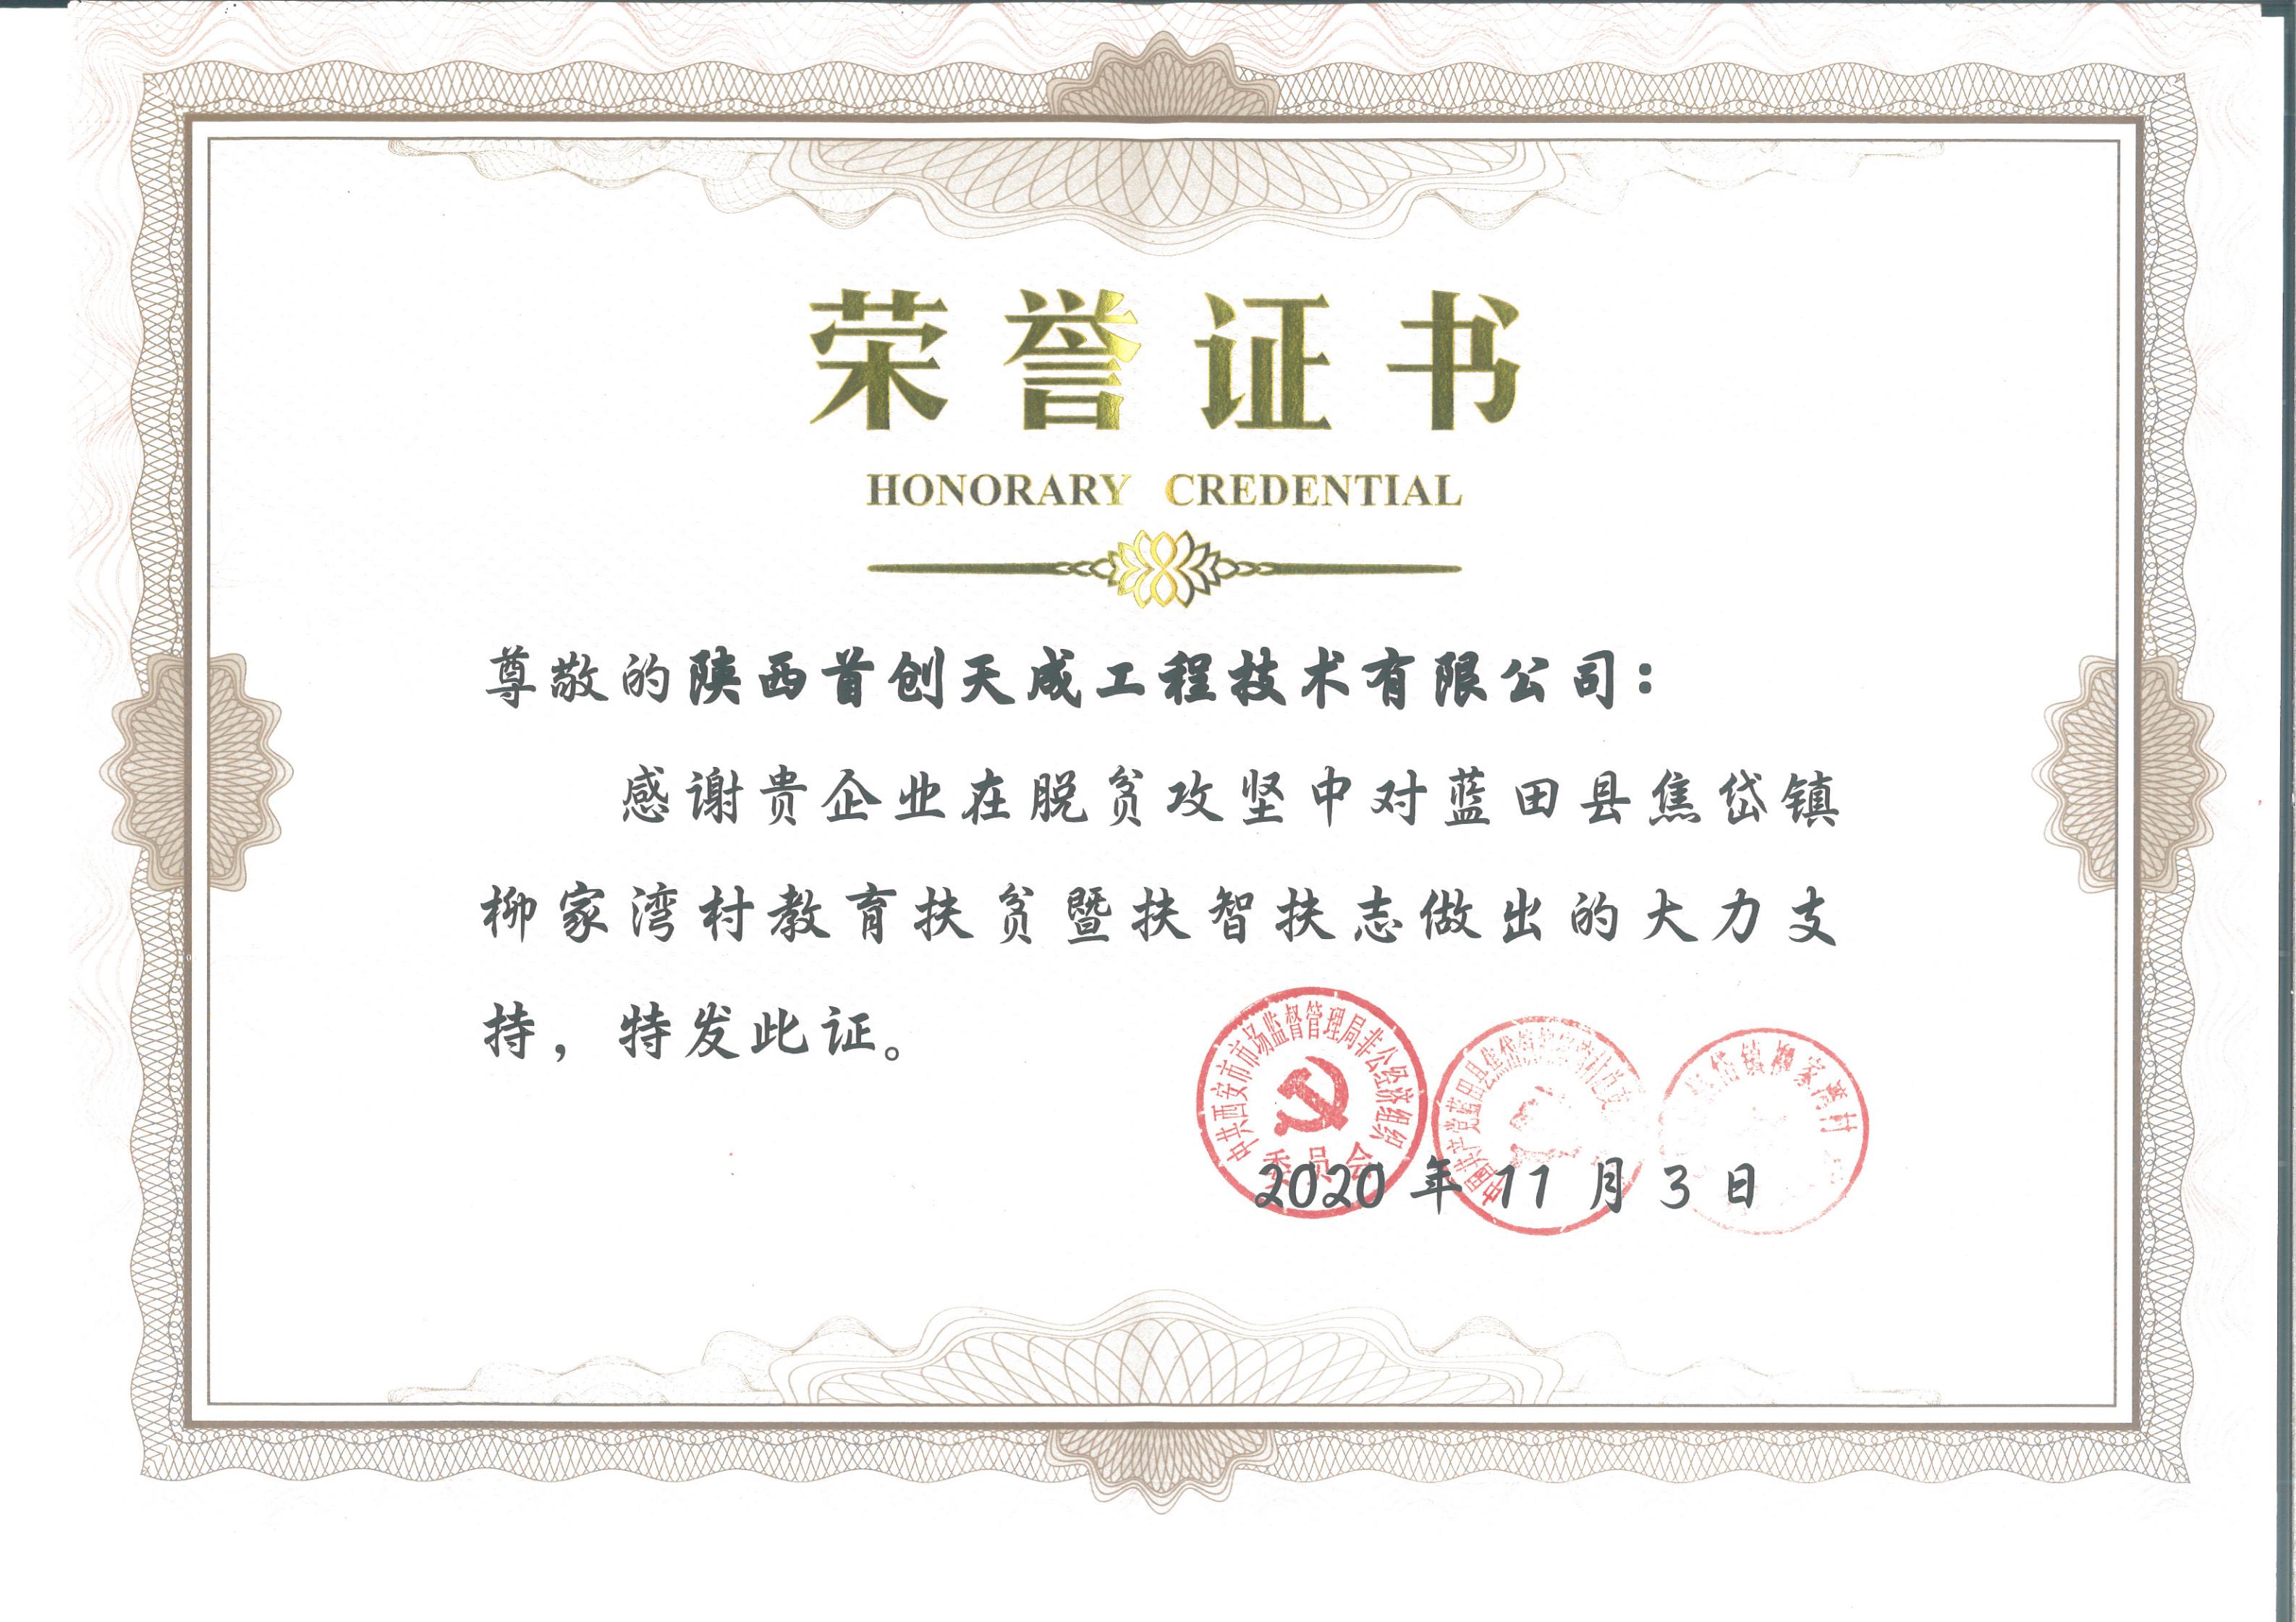 蓝田县扶贫荣誉证书